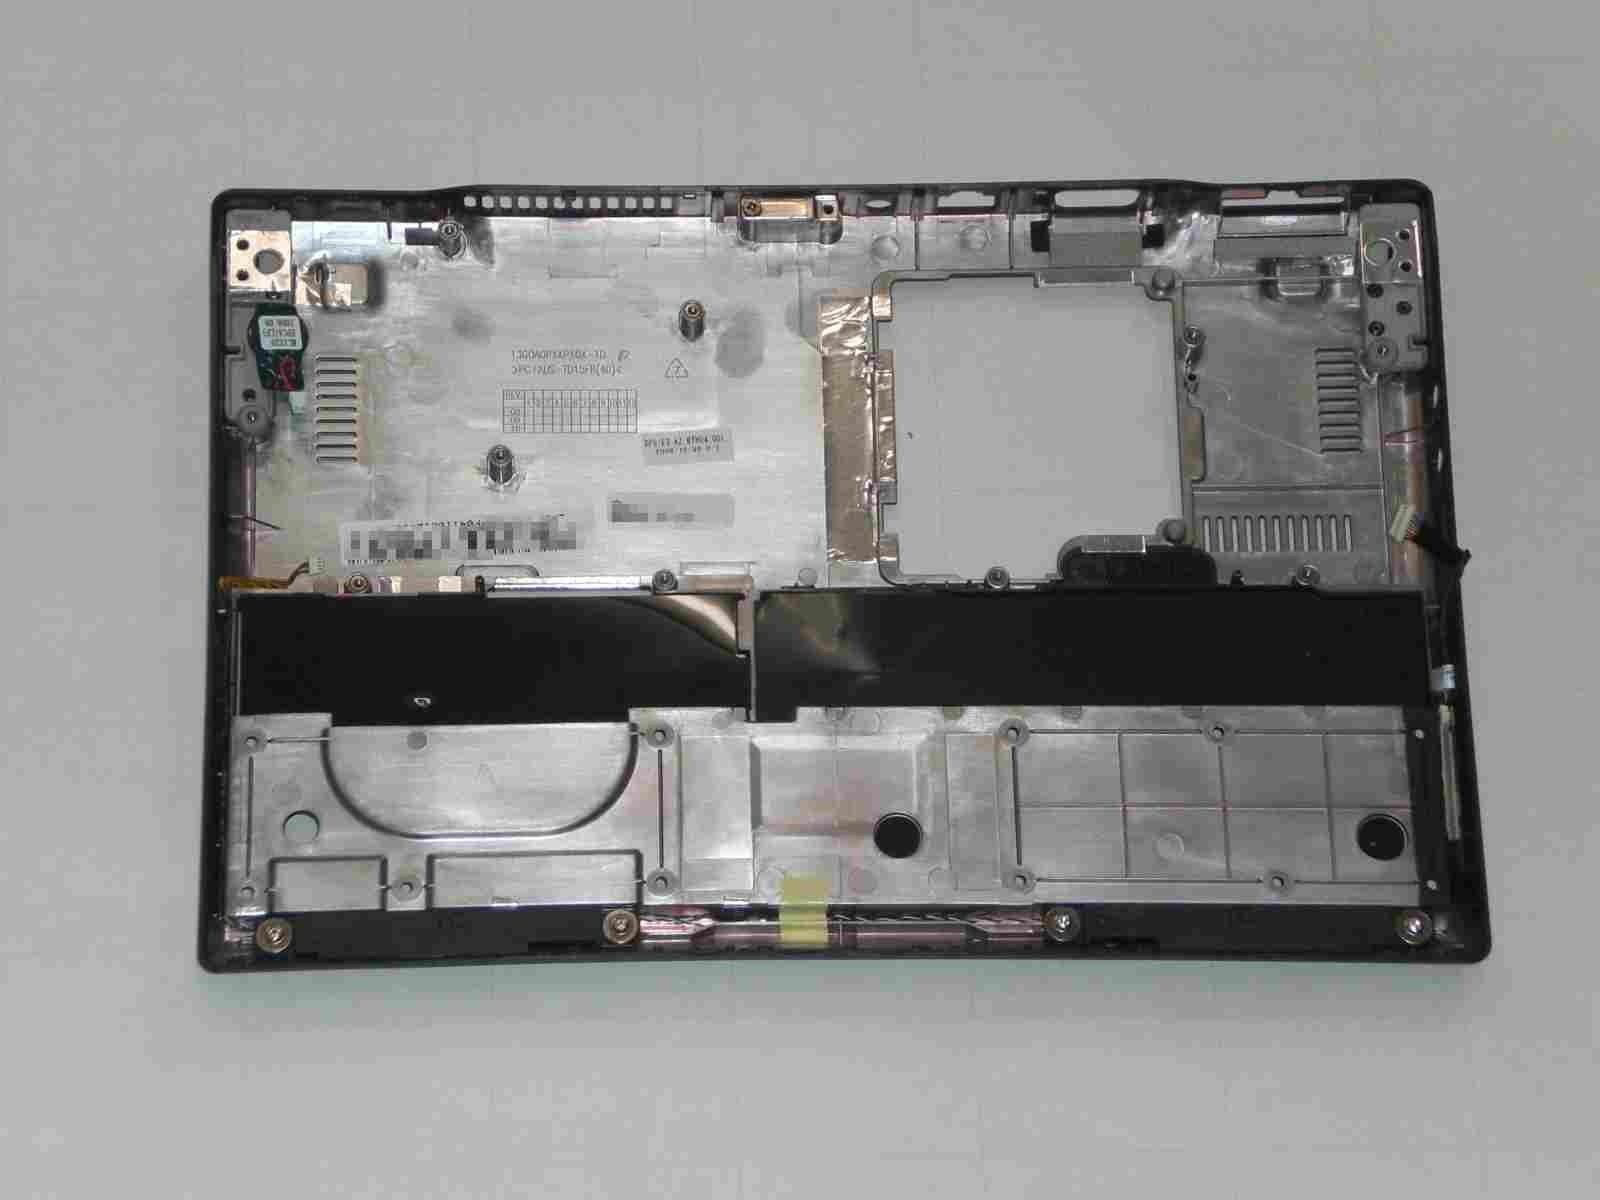 ASUS Eee S101H マザーボードの裏画像